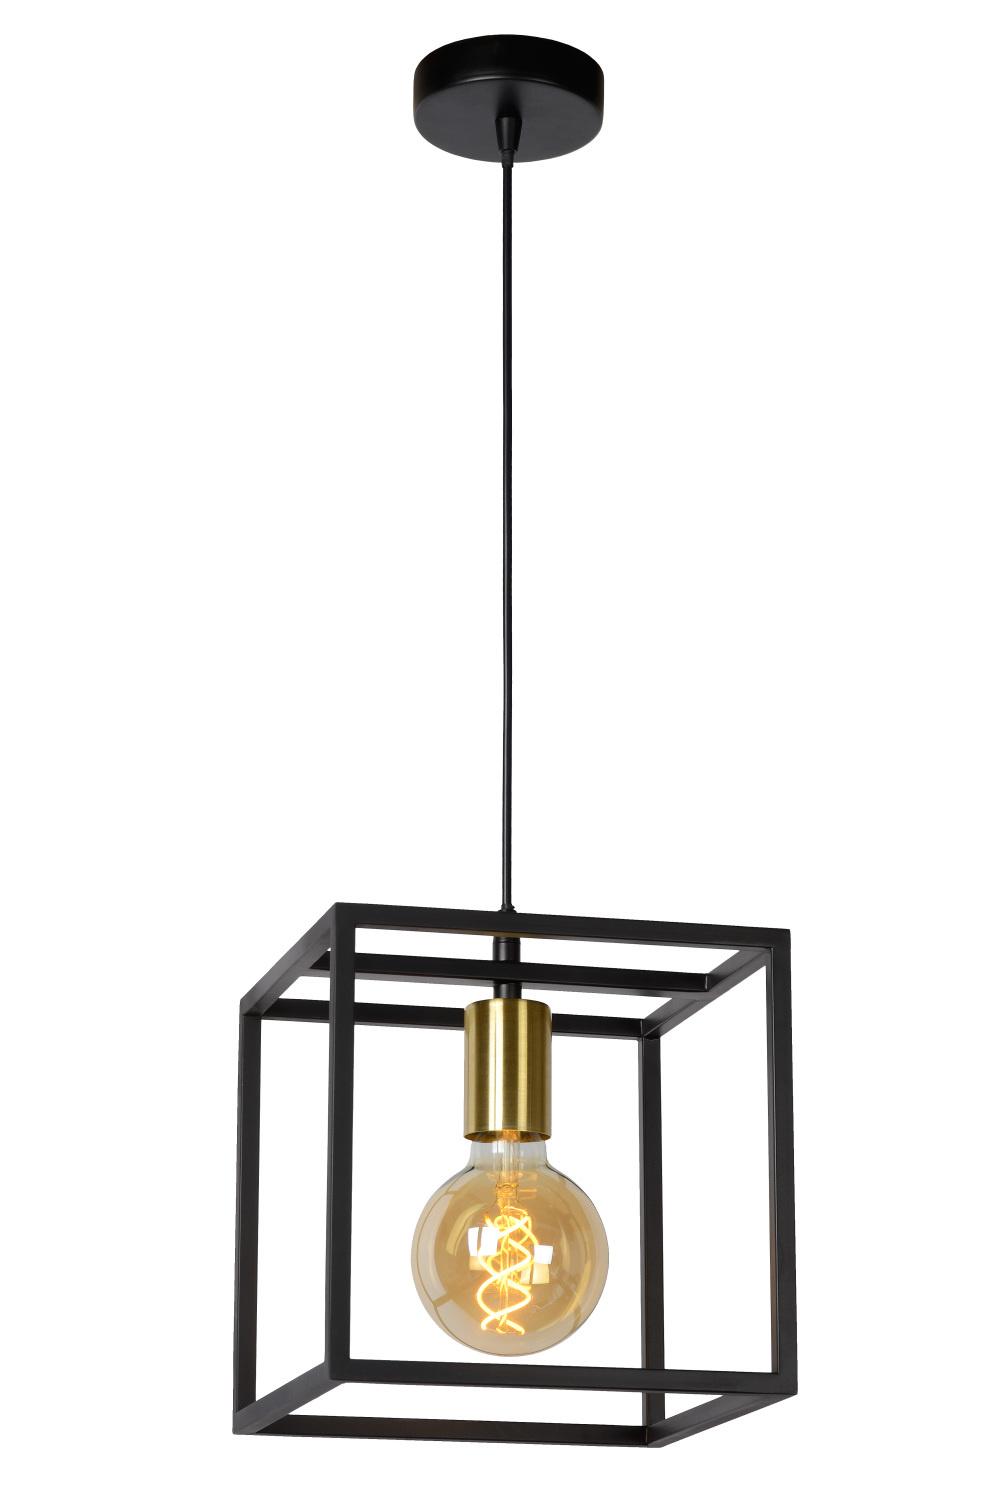 Lucide RUBEN Hanglamp-Zwart-1xE27-40W-Metaal